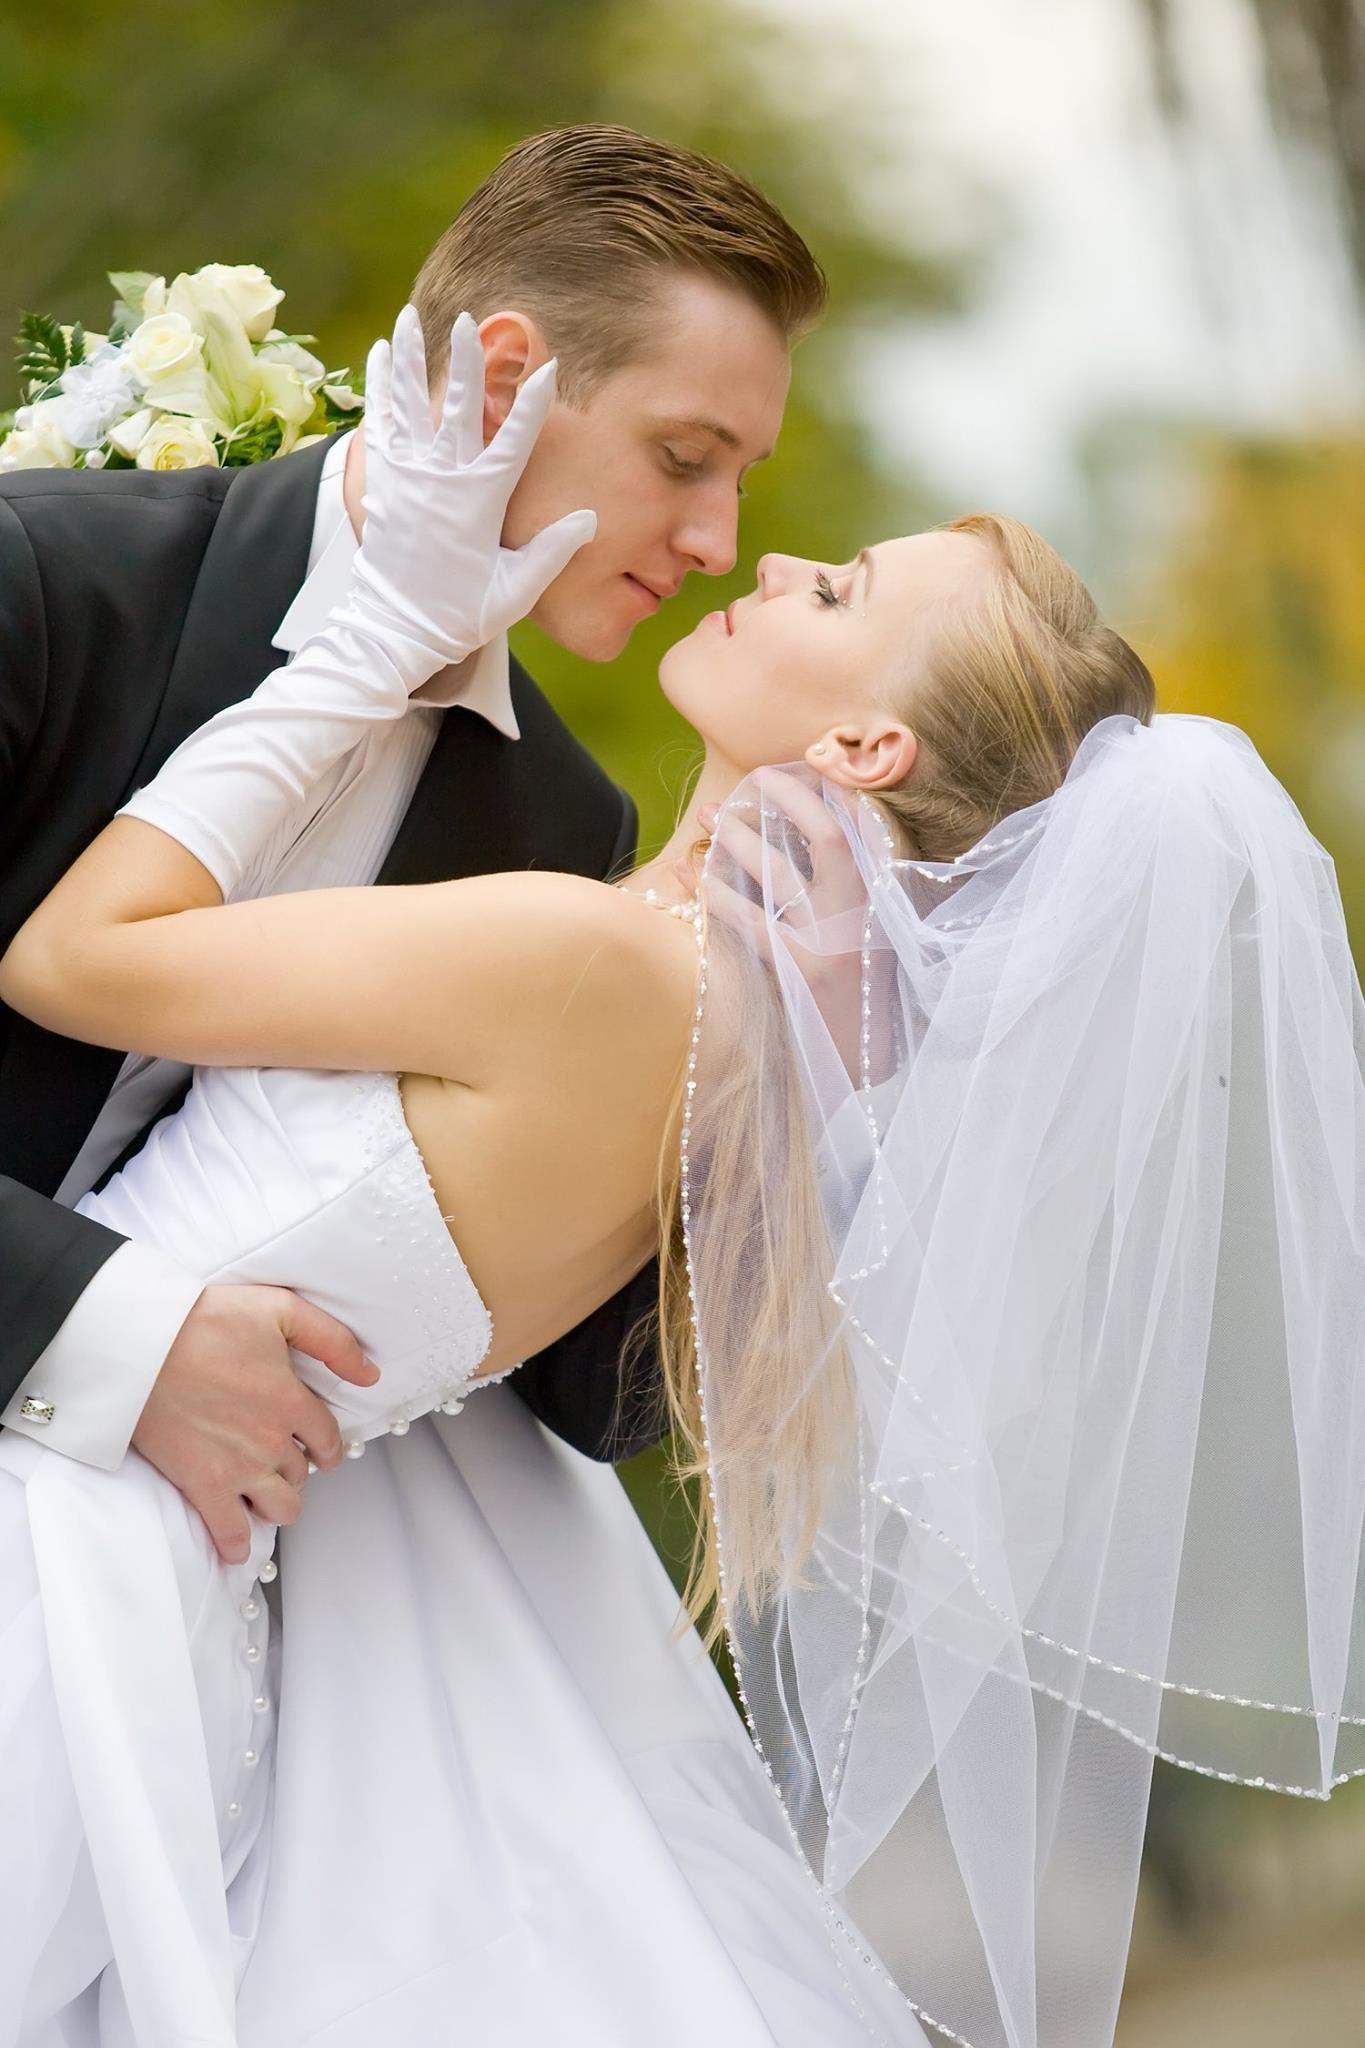 بالصور صور عريس وعروسه , احلى صور لعريس وعروسه جميله 189